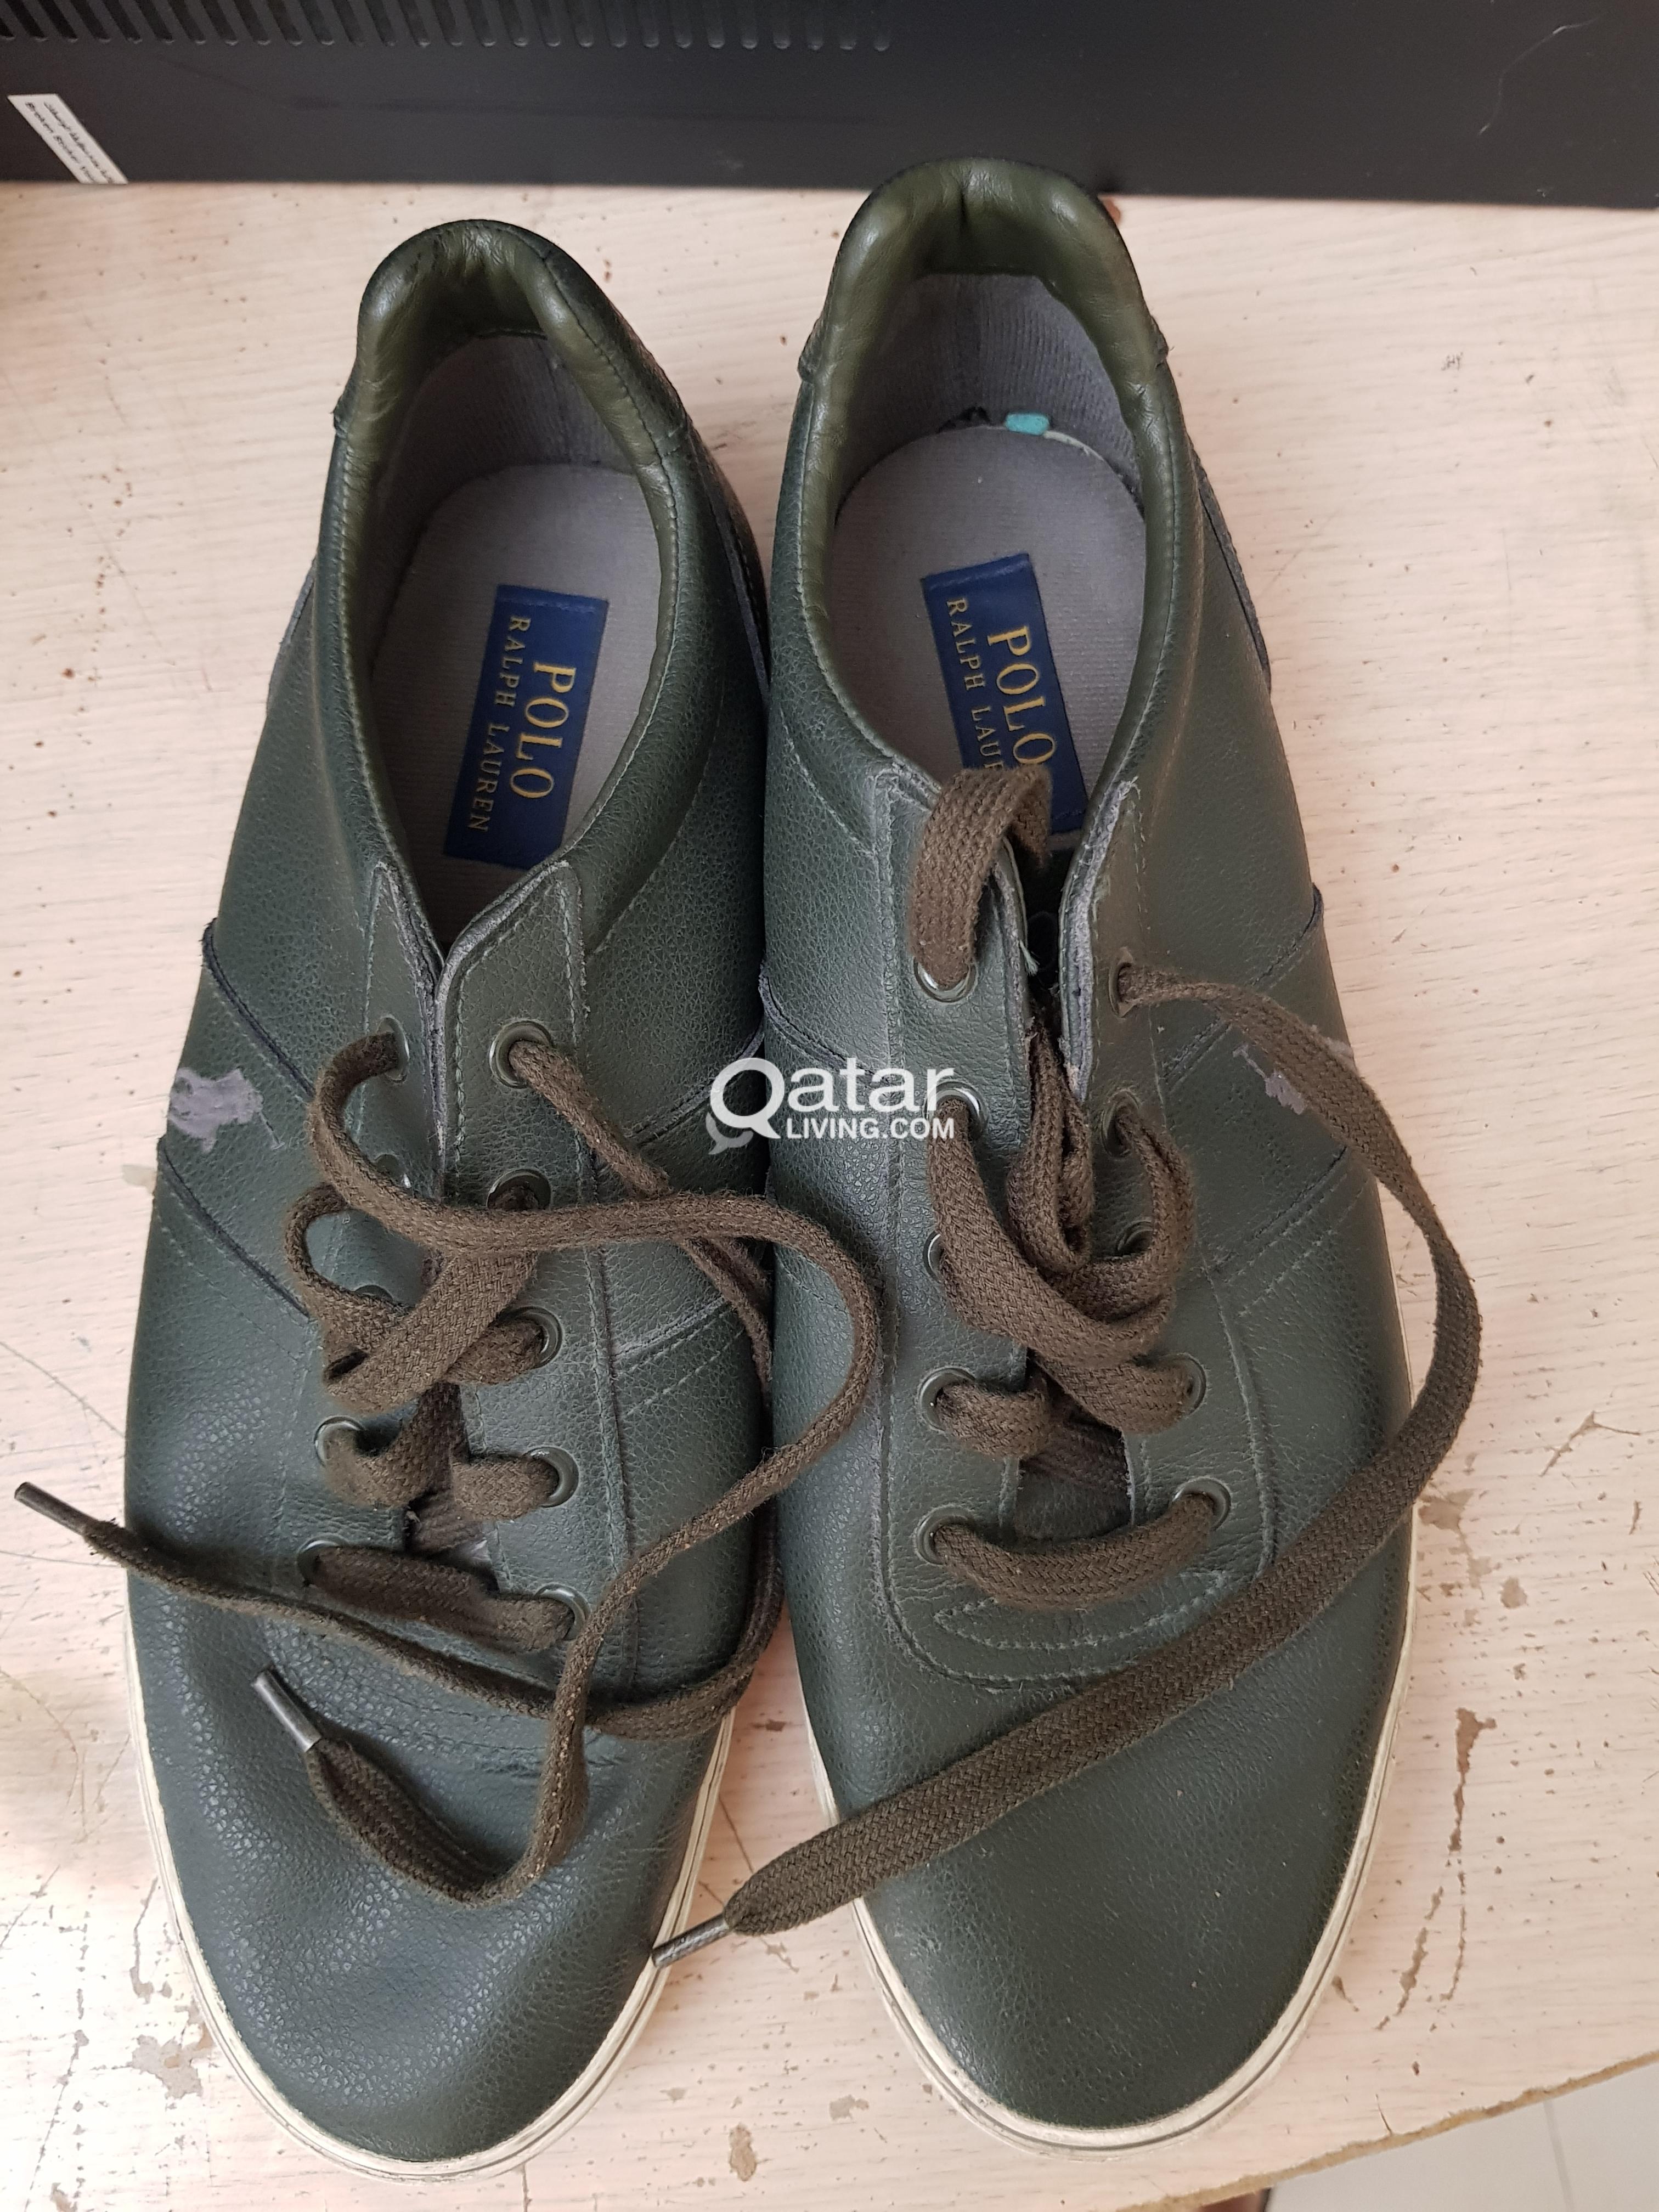 56da9a6a8 Original Brand shoes for sales | Qatar Living